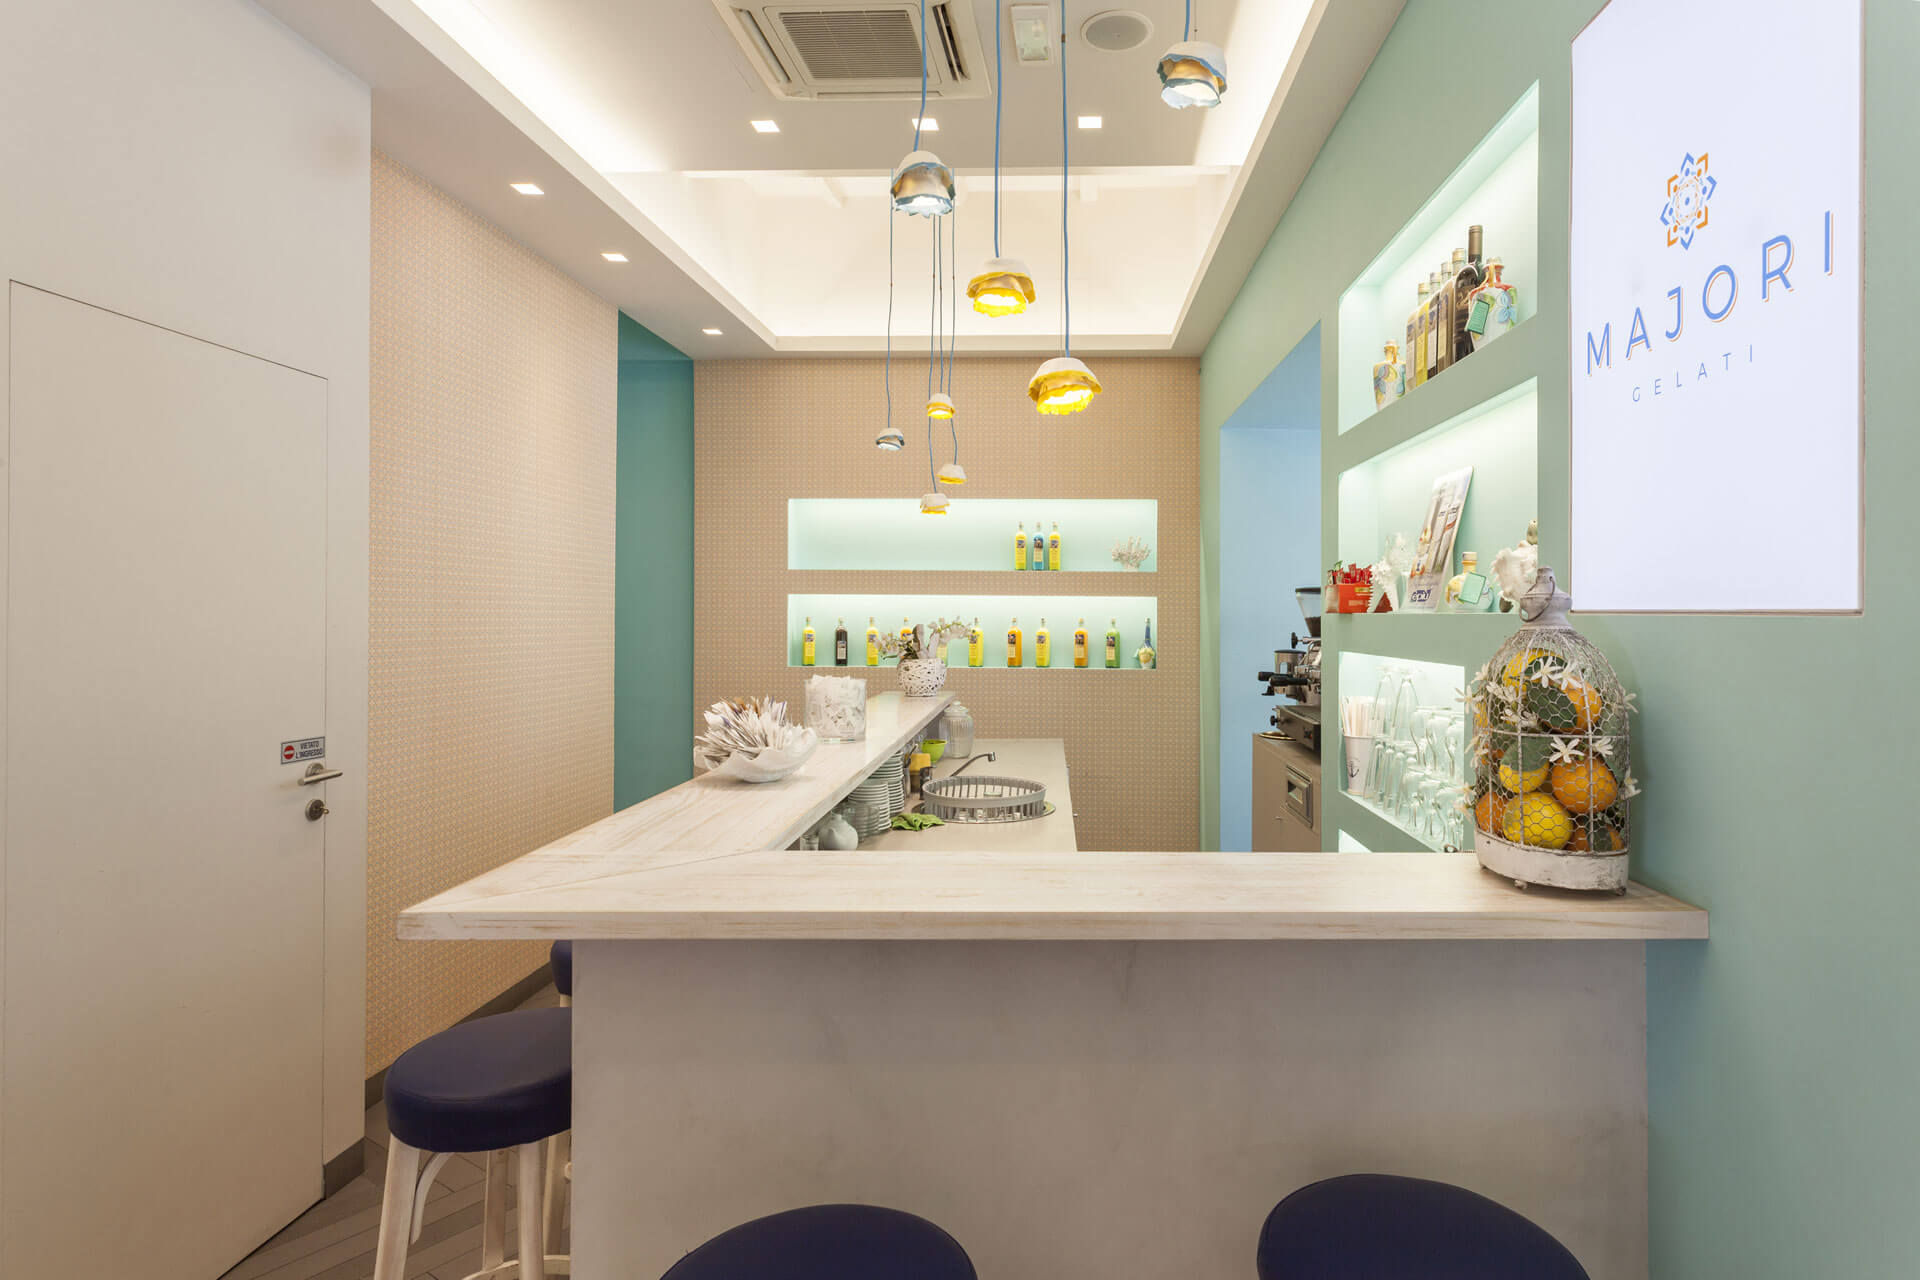 micaela-mazzoni-studio-interior-designer-bologna-progetti-commerciali-gallery-gelateria-majori-bologna-3